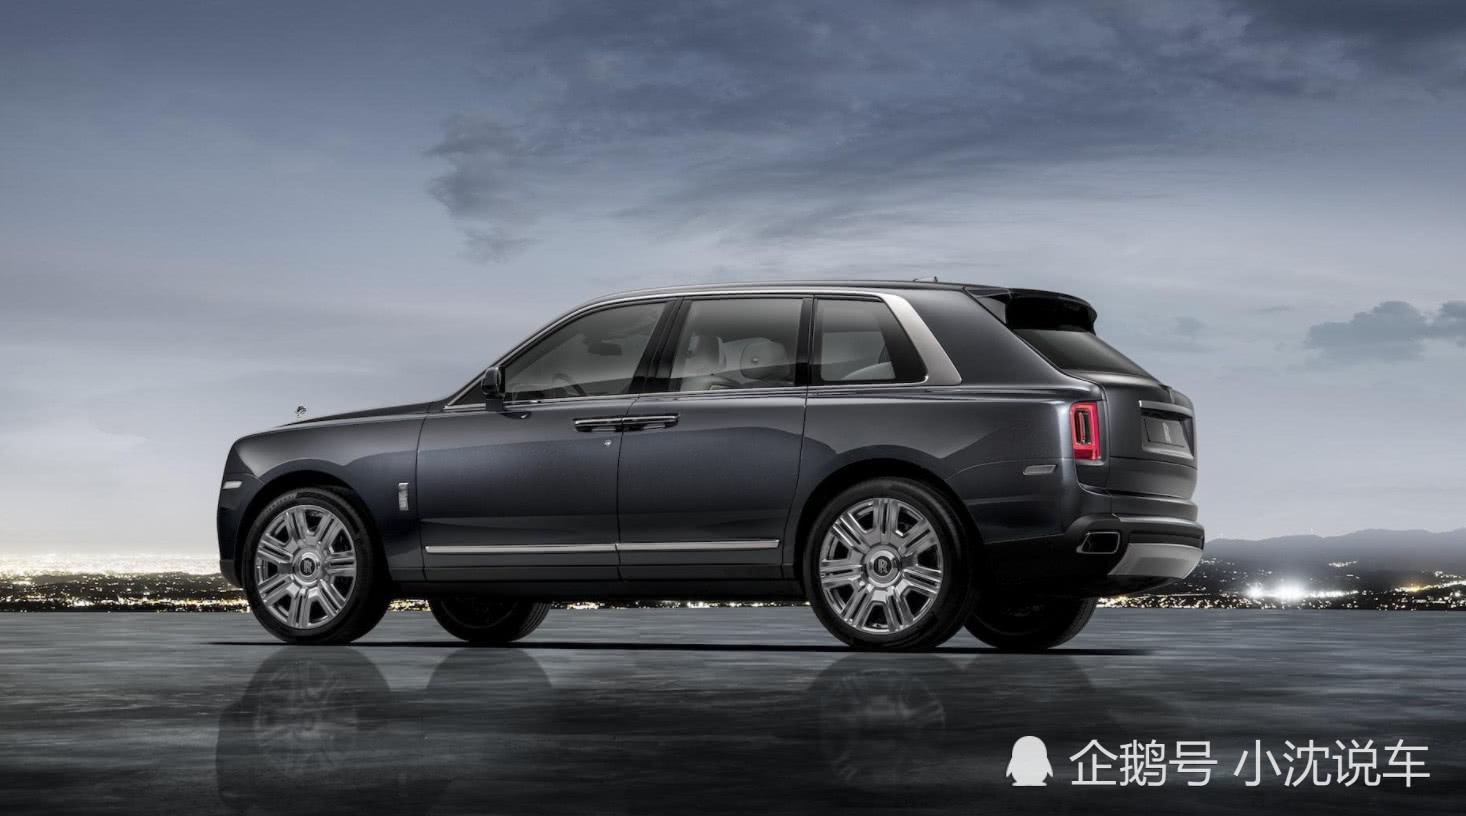 最省油三款SUV,本田CRV榜上有名,最后一款能饿死修理厂!